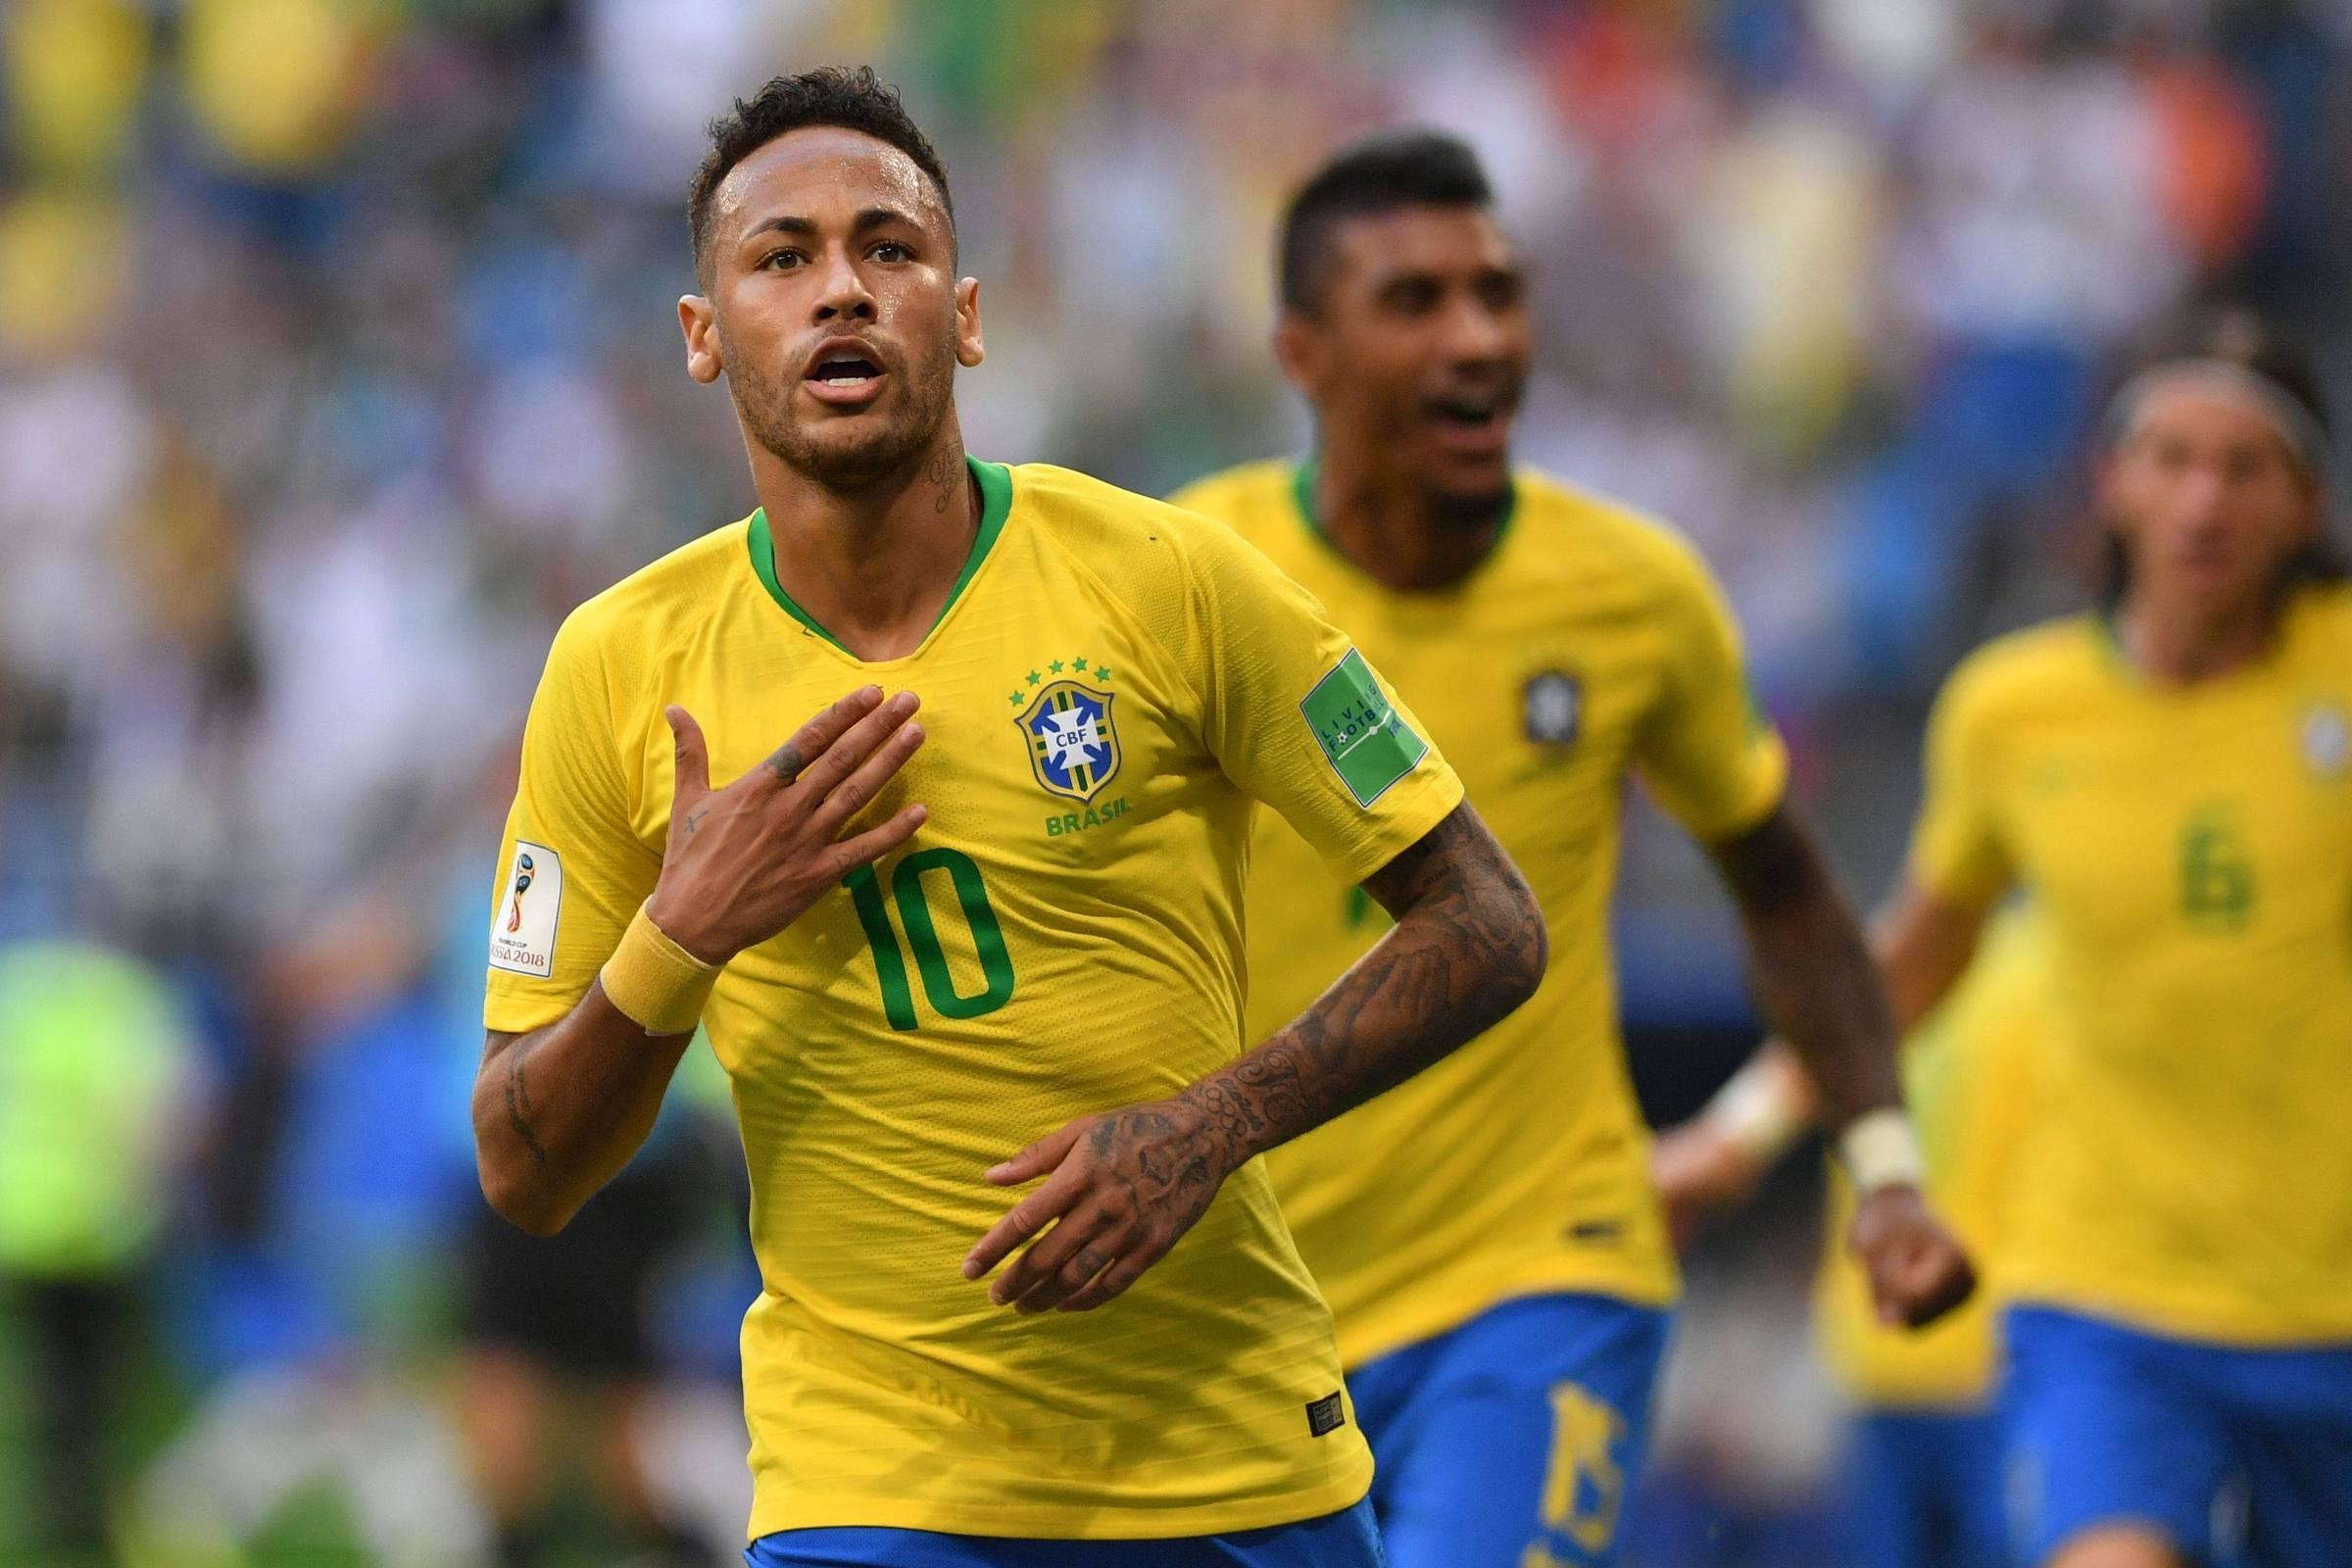 Ronaldo aposta que Neymar será o melhor do mundo na temporada - 04 07 2018  - Esporte - Folha c697b71995901